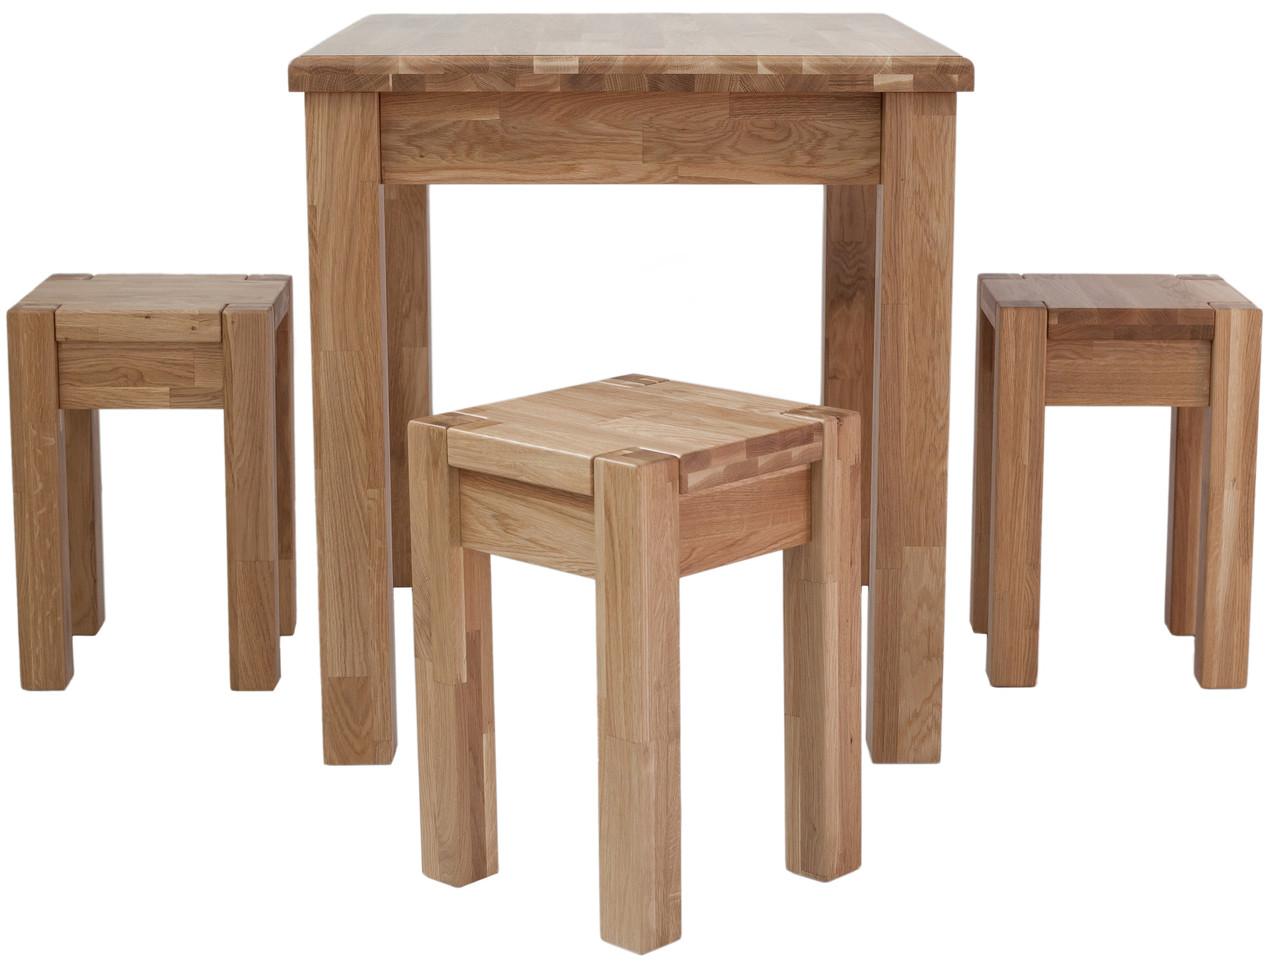 Обеденный комплект стол кухонный обеденный и 4 табурета из массива дерева 008